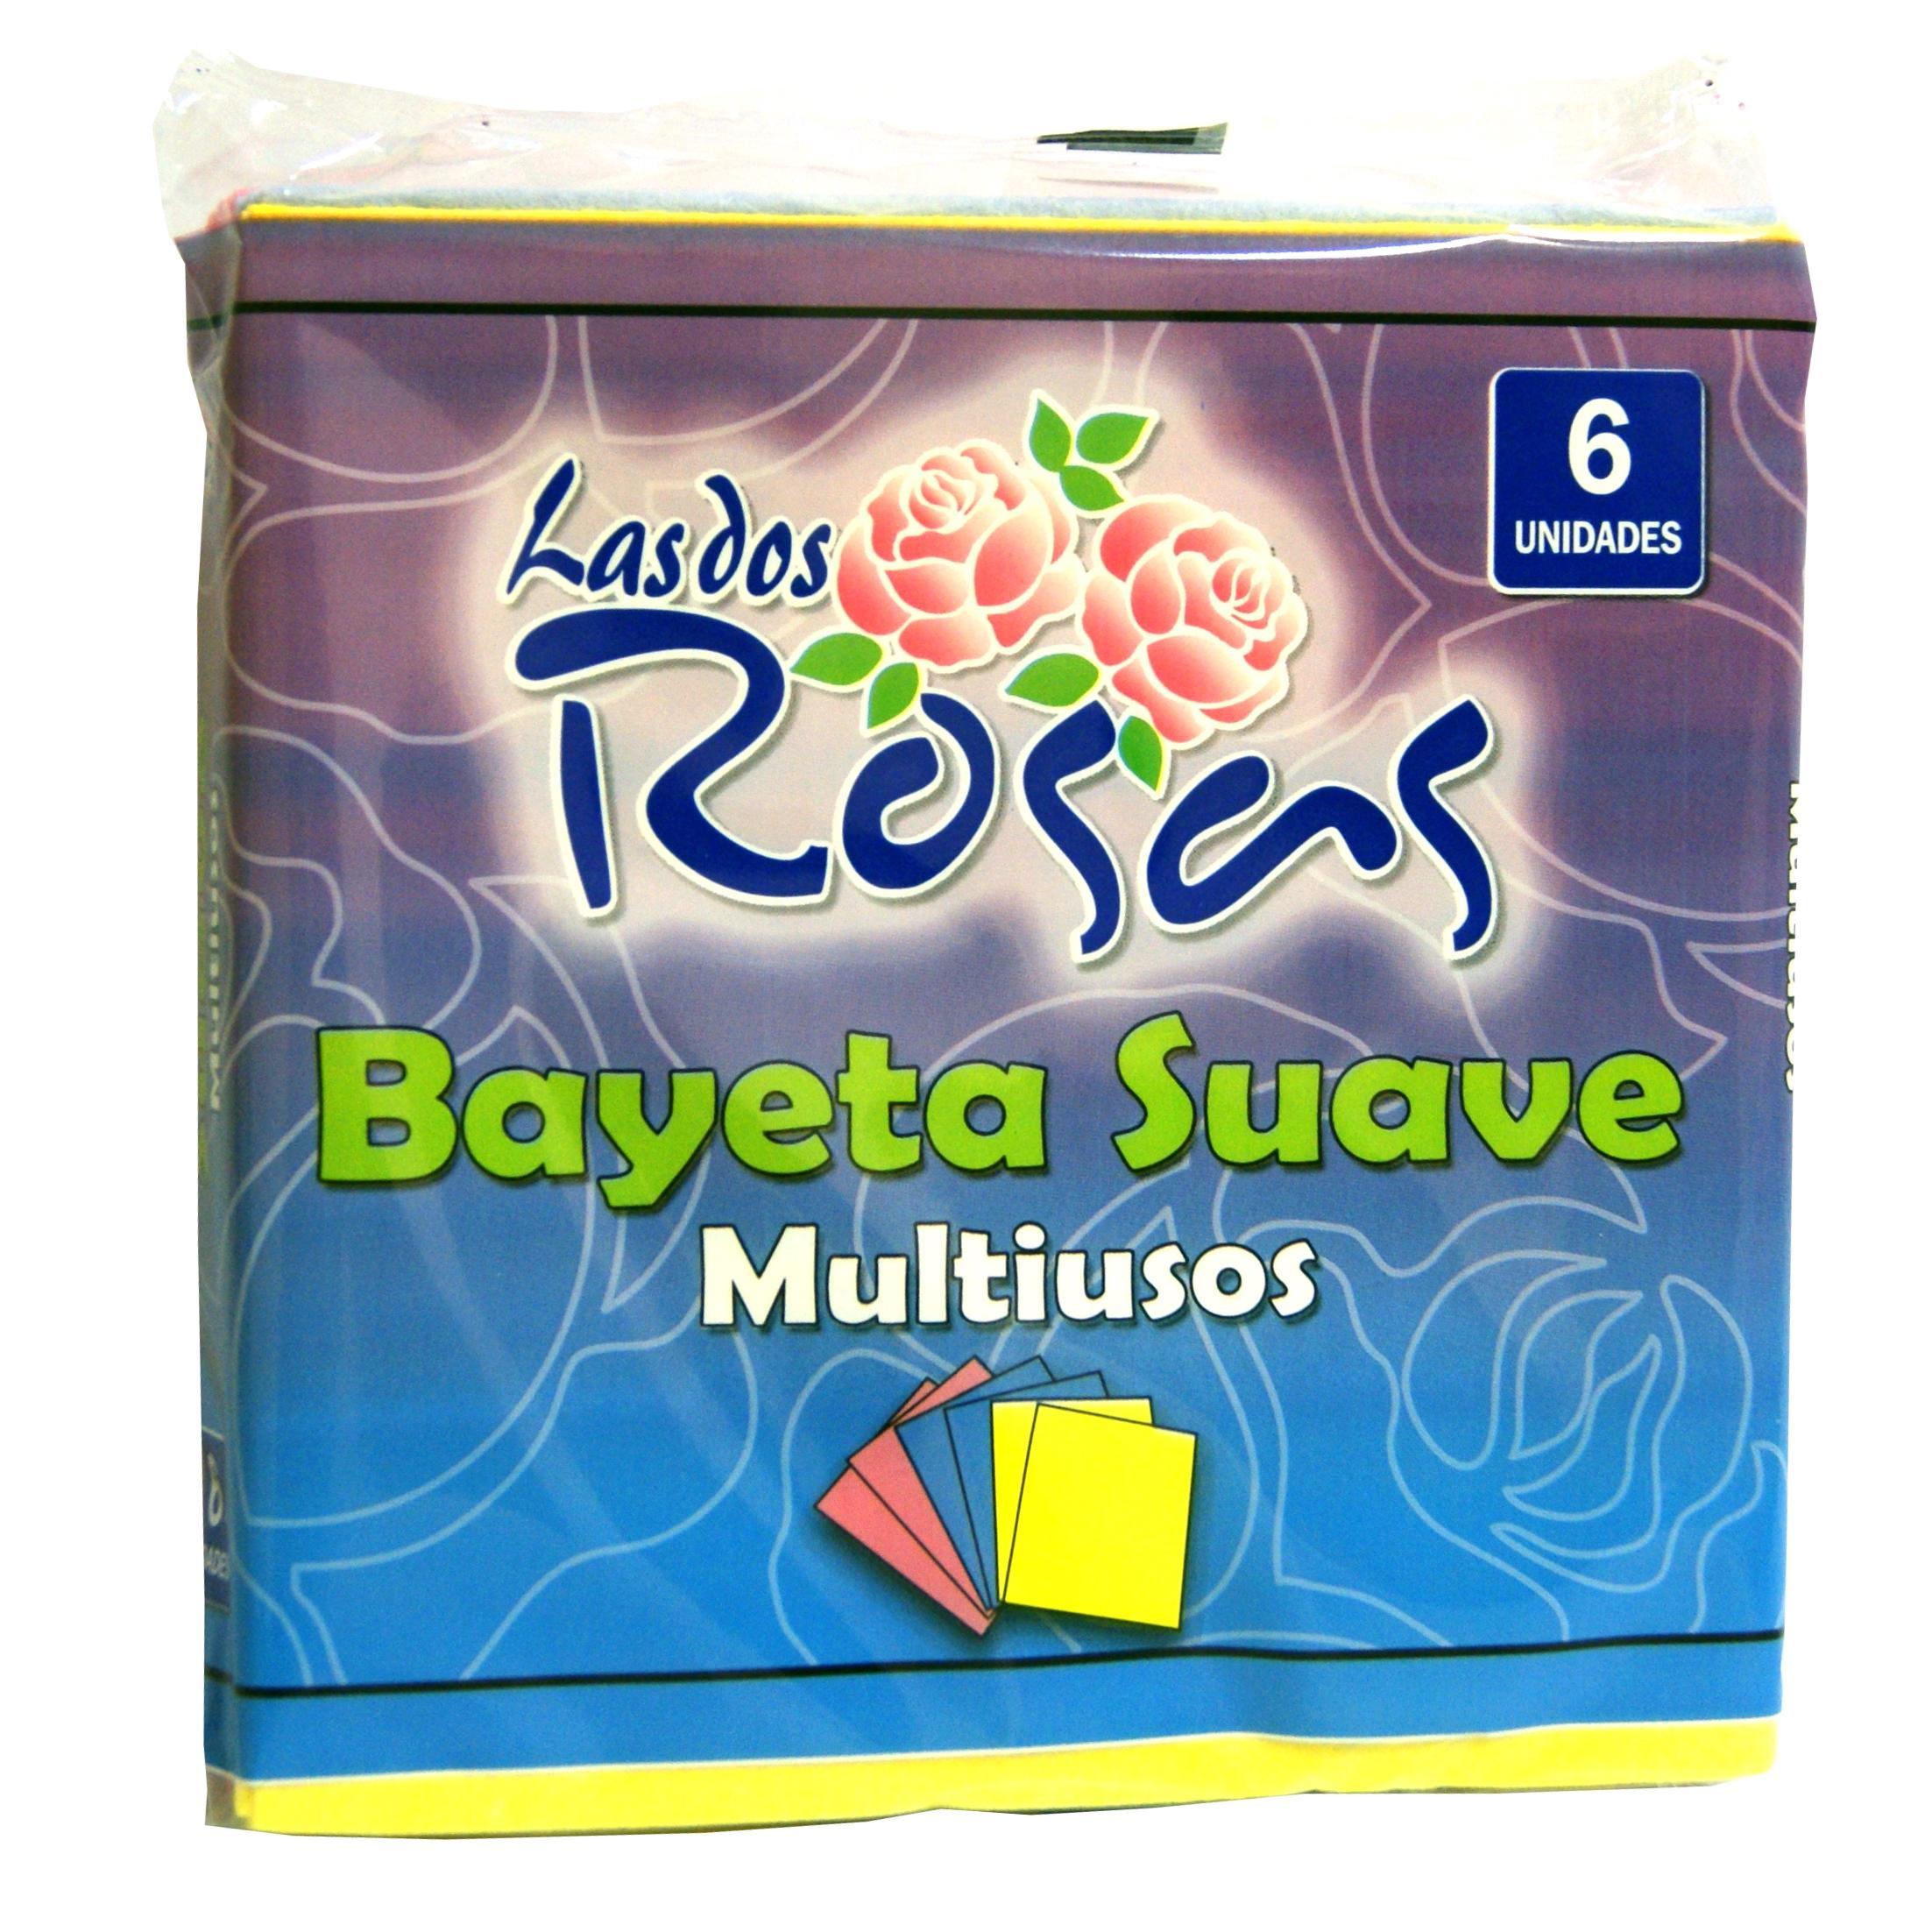 Las 2 Rosas bayeta 6unds